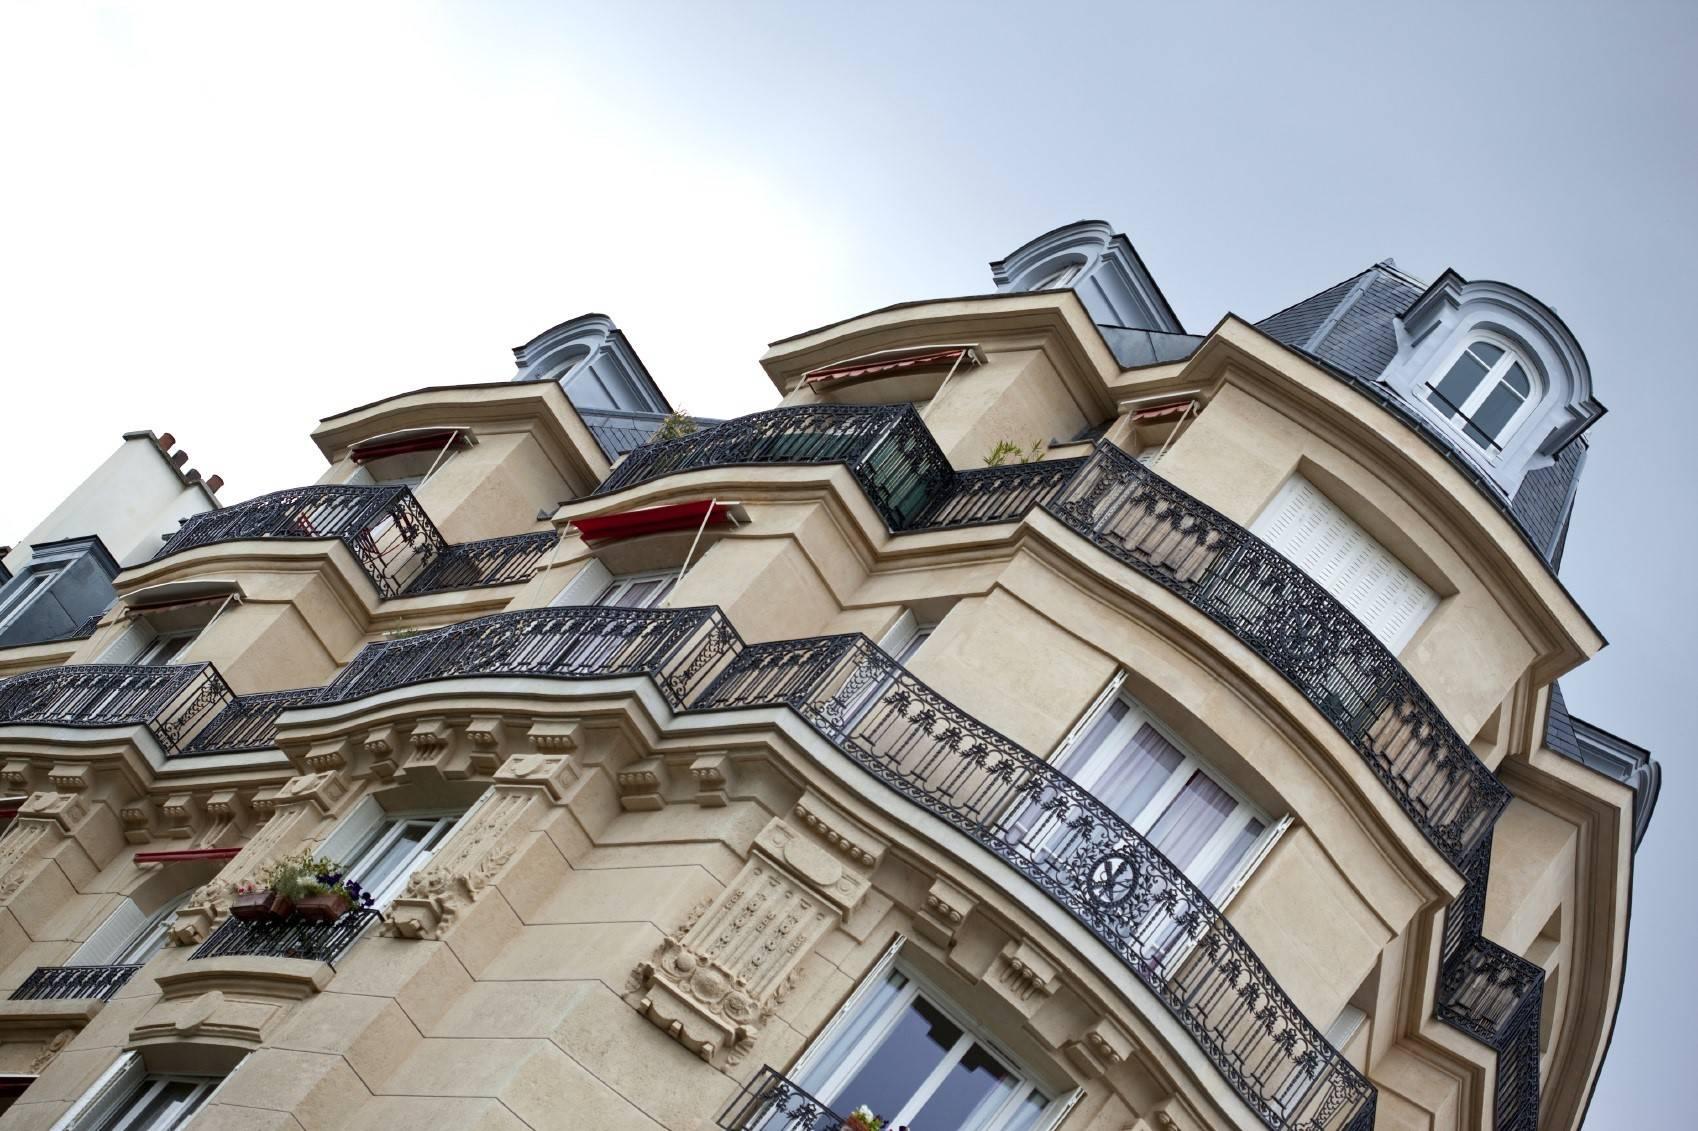 Immobilier quid pouvoir achat une grande ville autre for Achat maison france